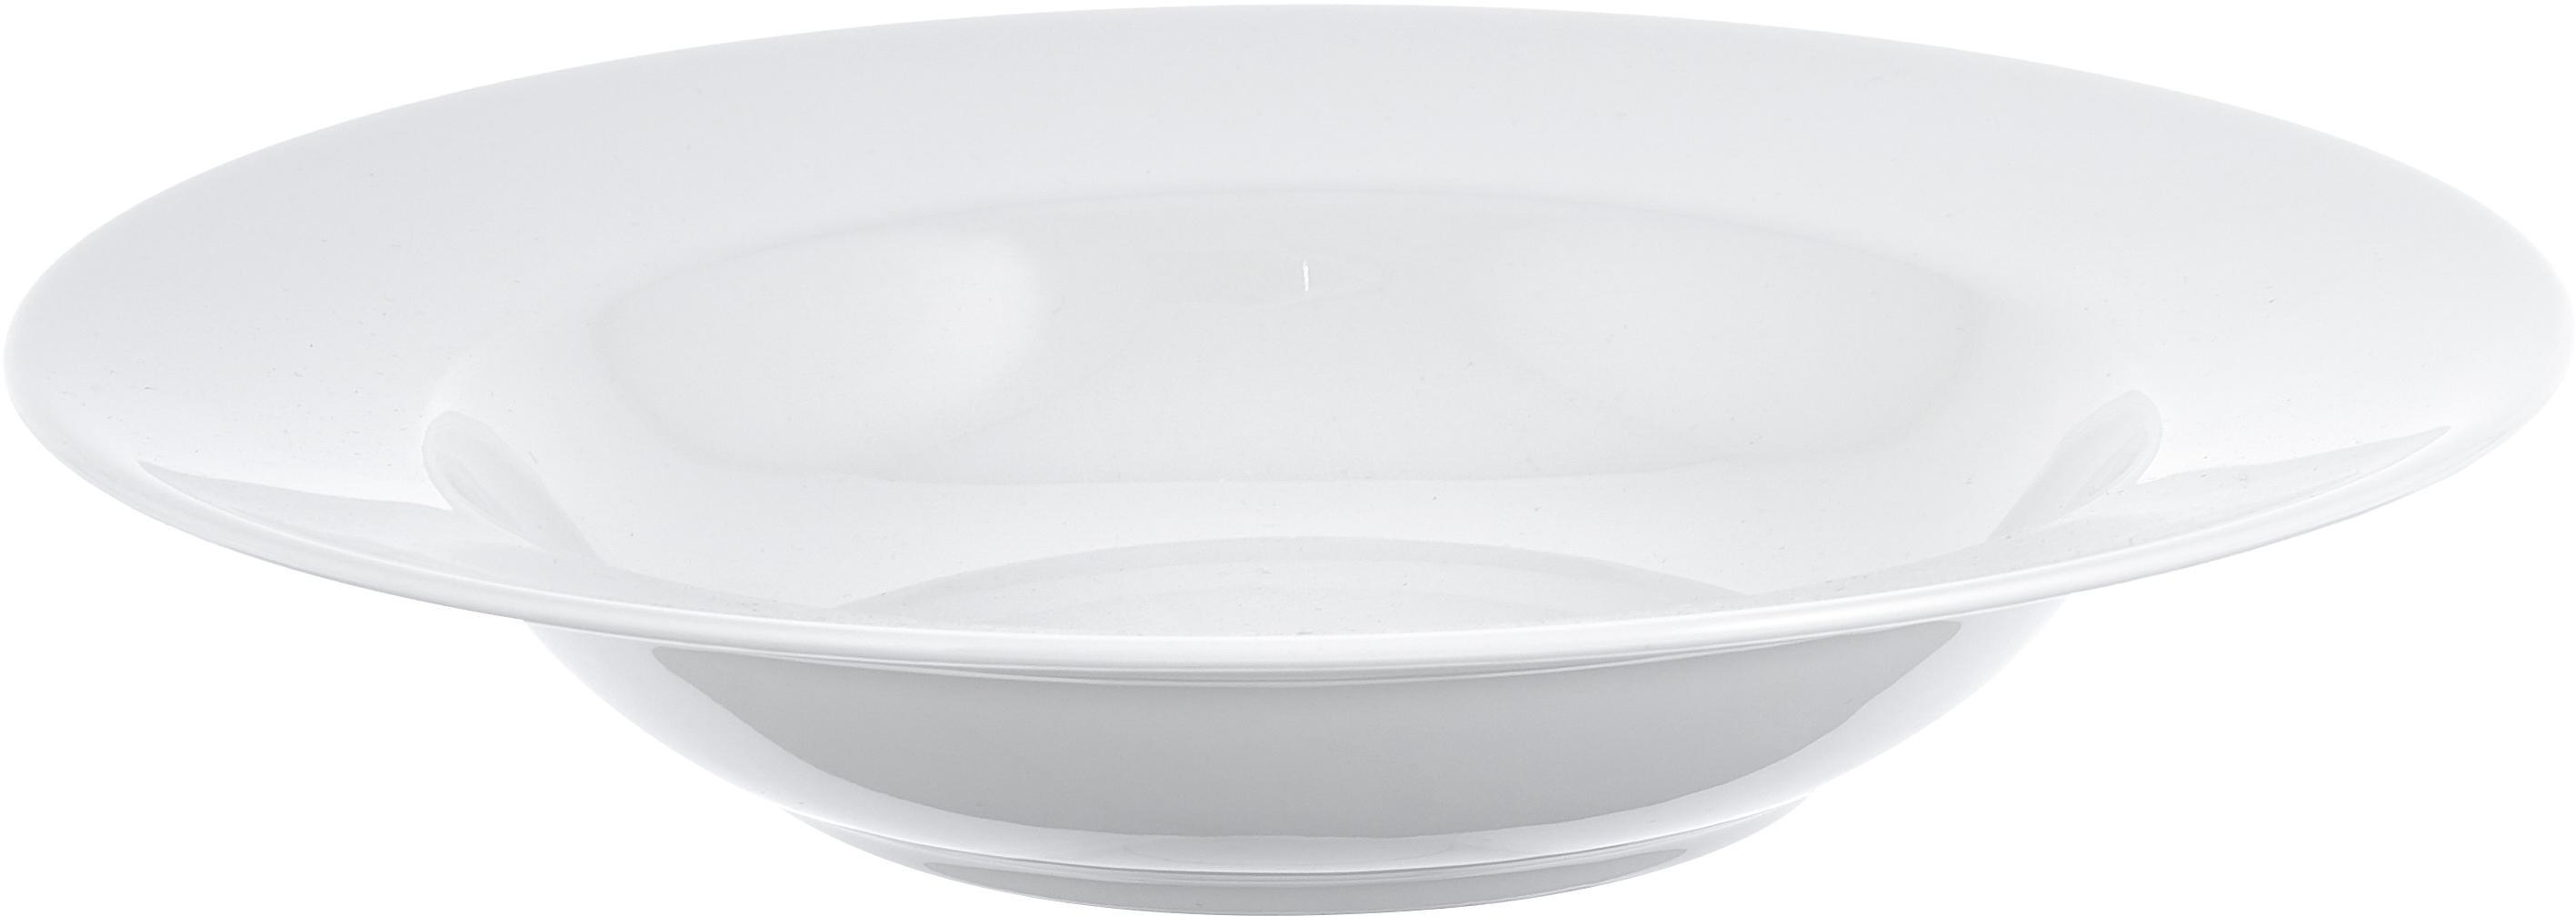 Geschirr-Set For Me aus Porzellan, 4 Personen (8-tlg.), Porzellan, Gebrochenes Weiß, Sondergrößen